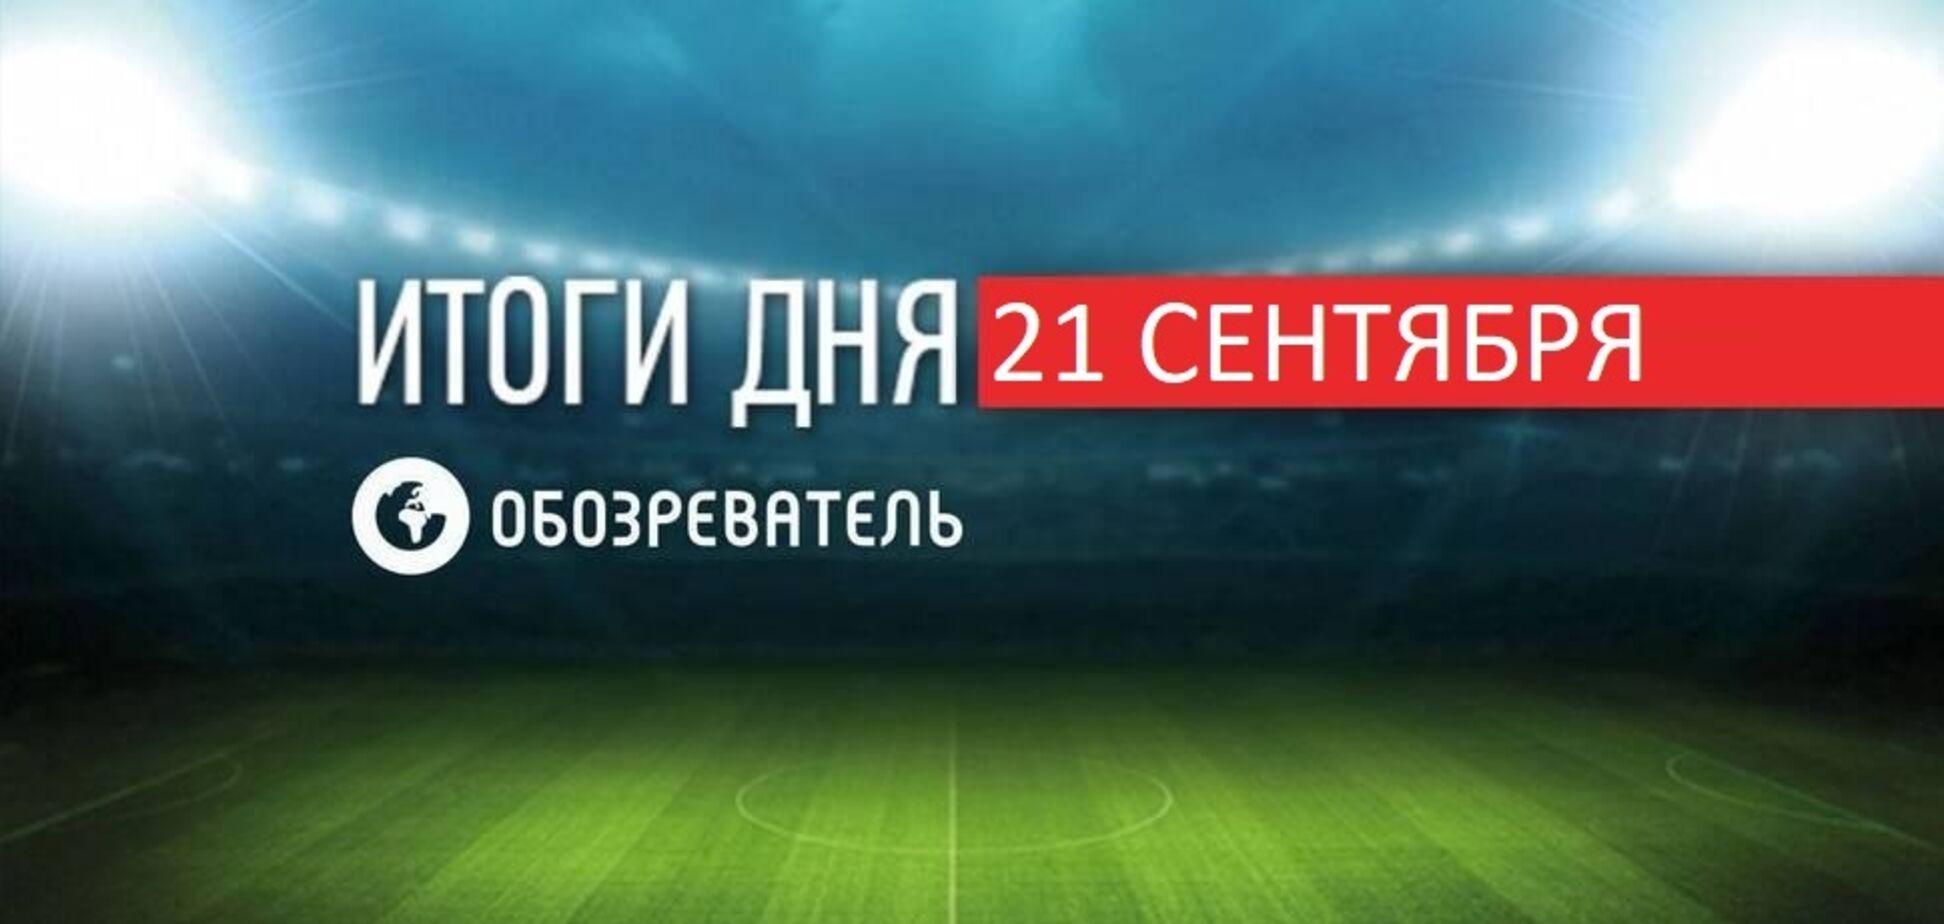 Кравец ушел из 'Динамо' и сделал резкое заявление: спортивные итоги 21 сентября